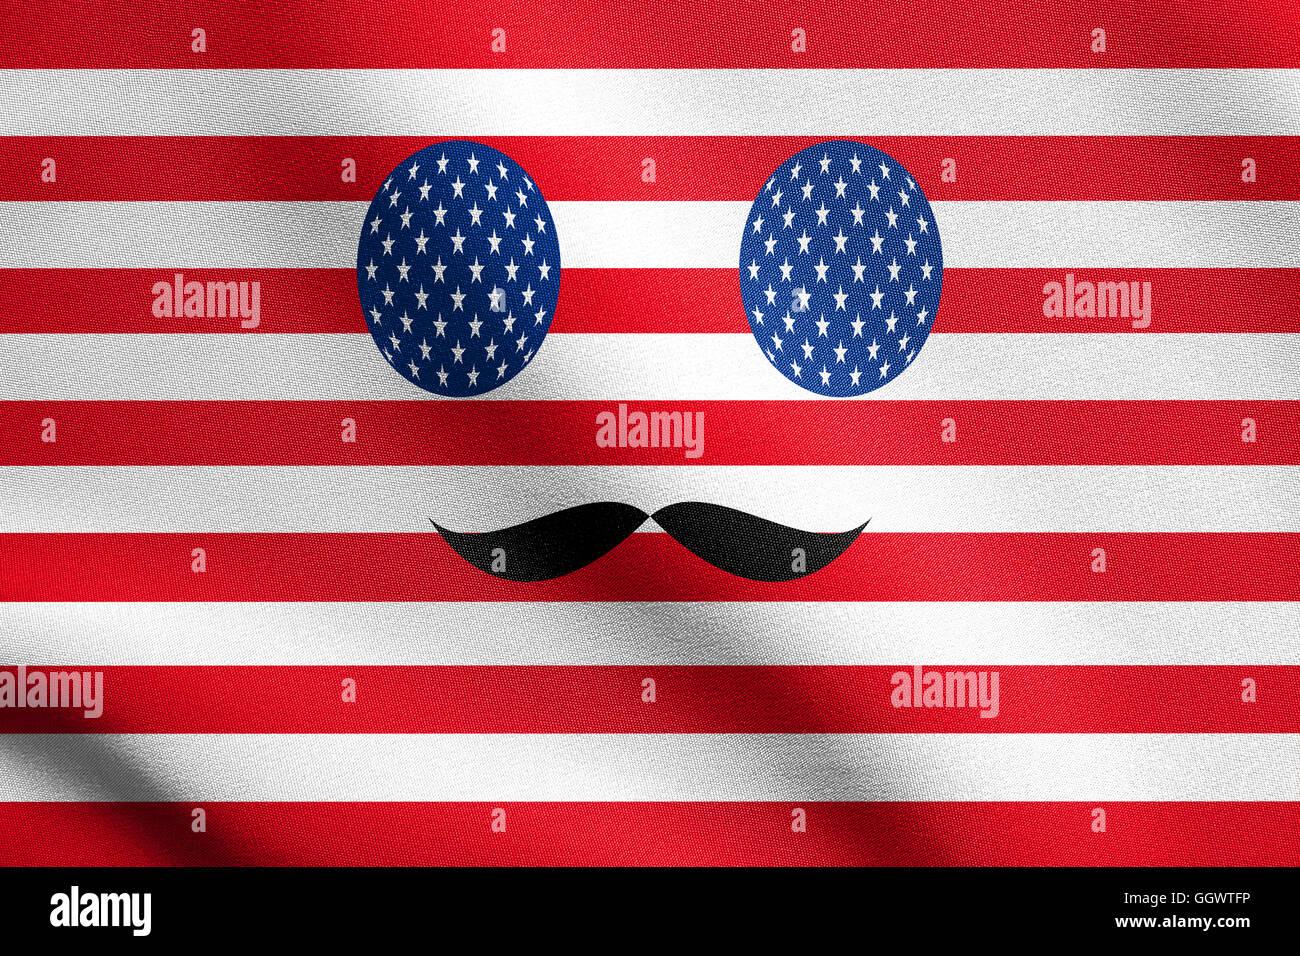 Schön Amerikanische Flagge Färbung Fotos - Malvorlagen Von Tieren ...